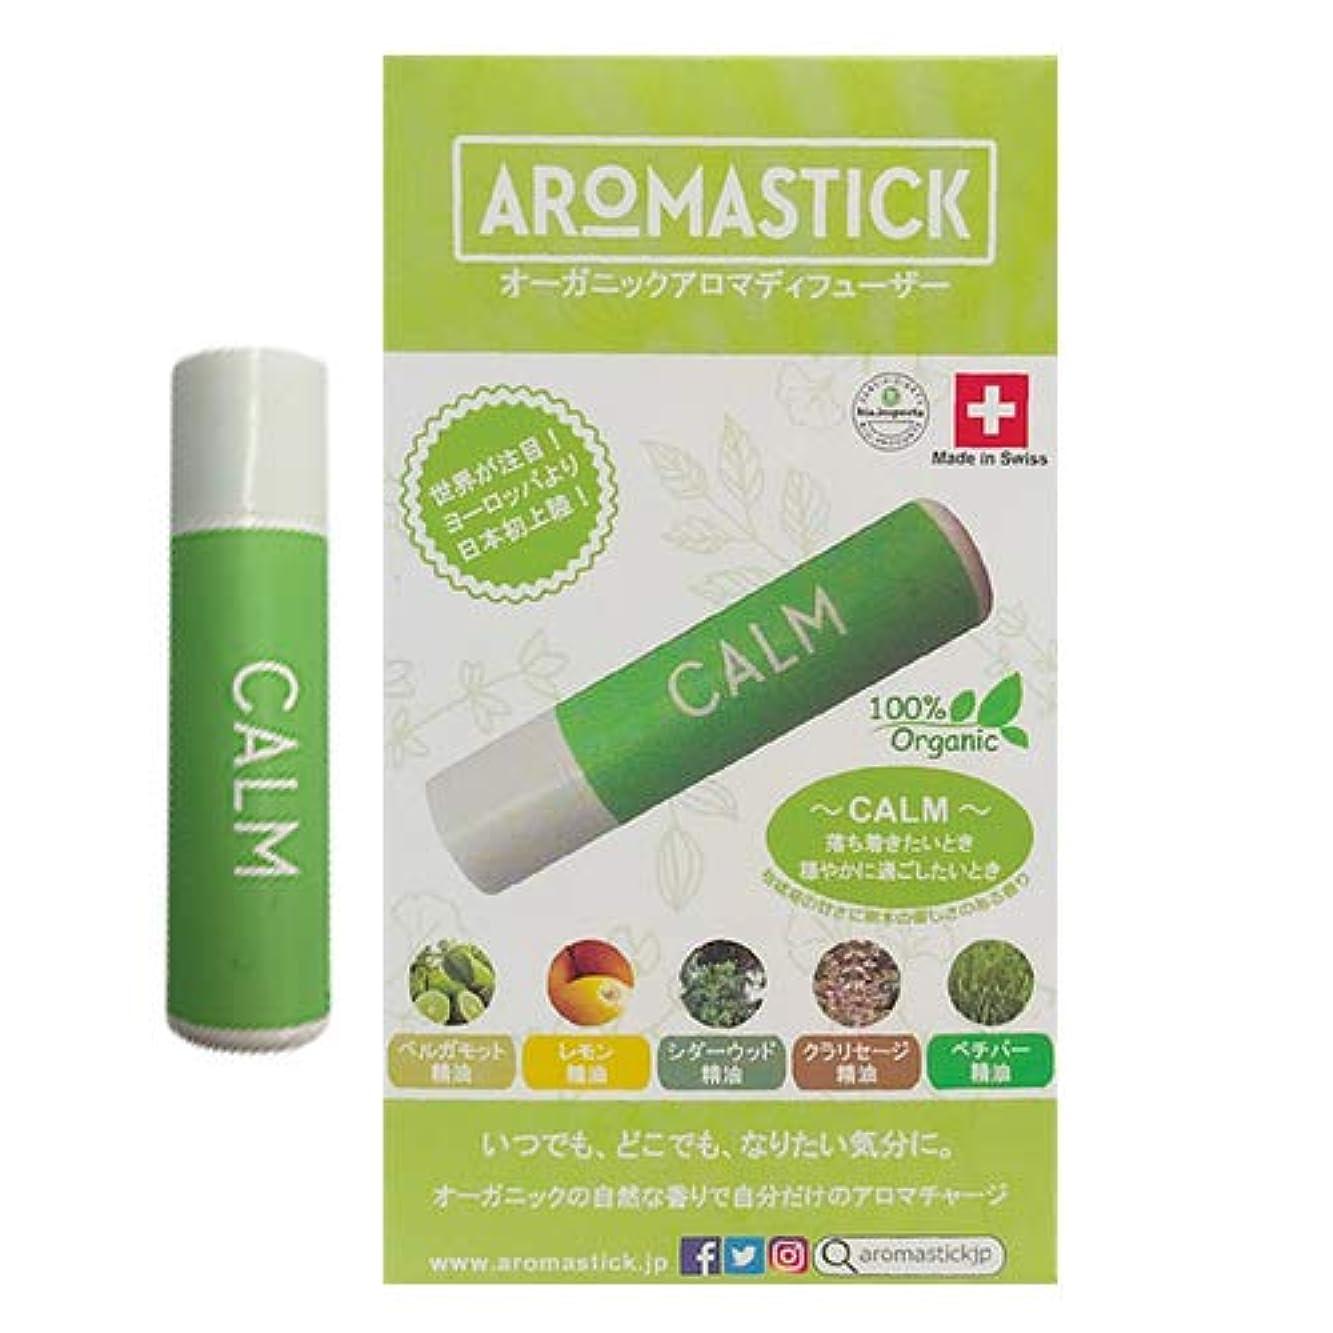 クルーズホスト香りオーガニックアロマディフューザー アロマスティック(aromastick) カーム [CALM]×2個セット